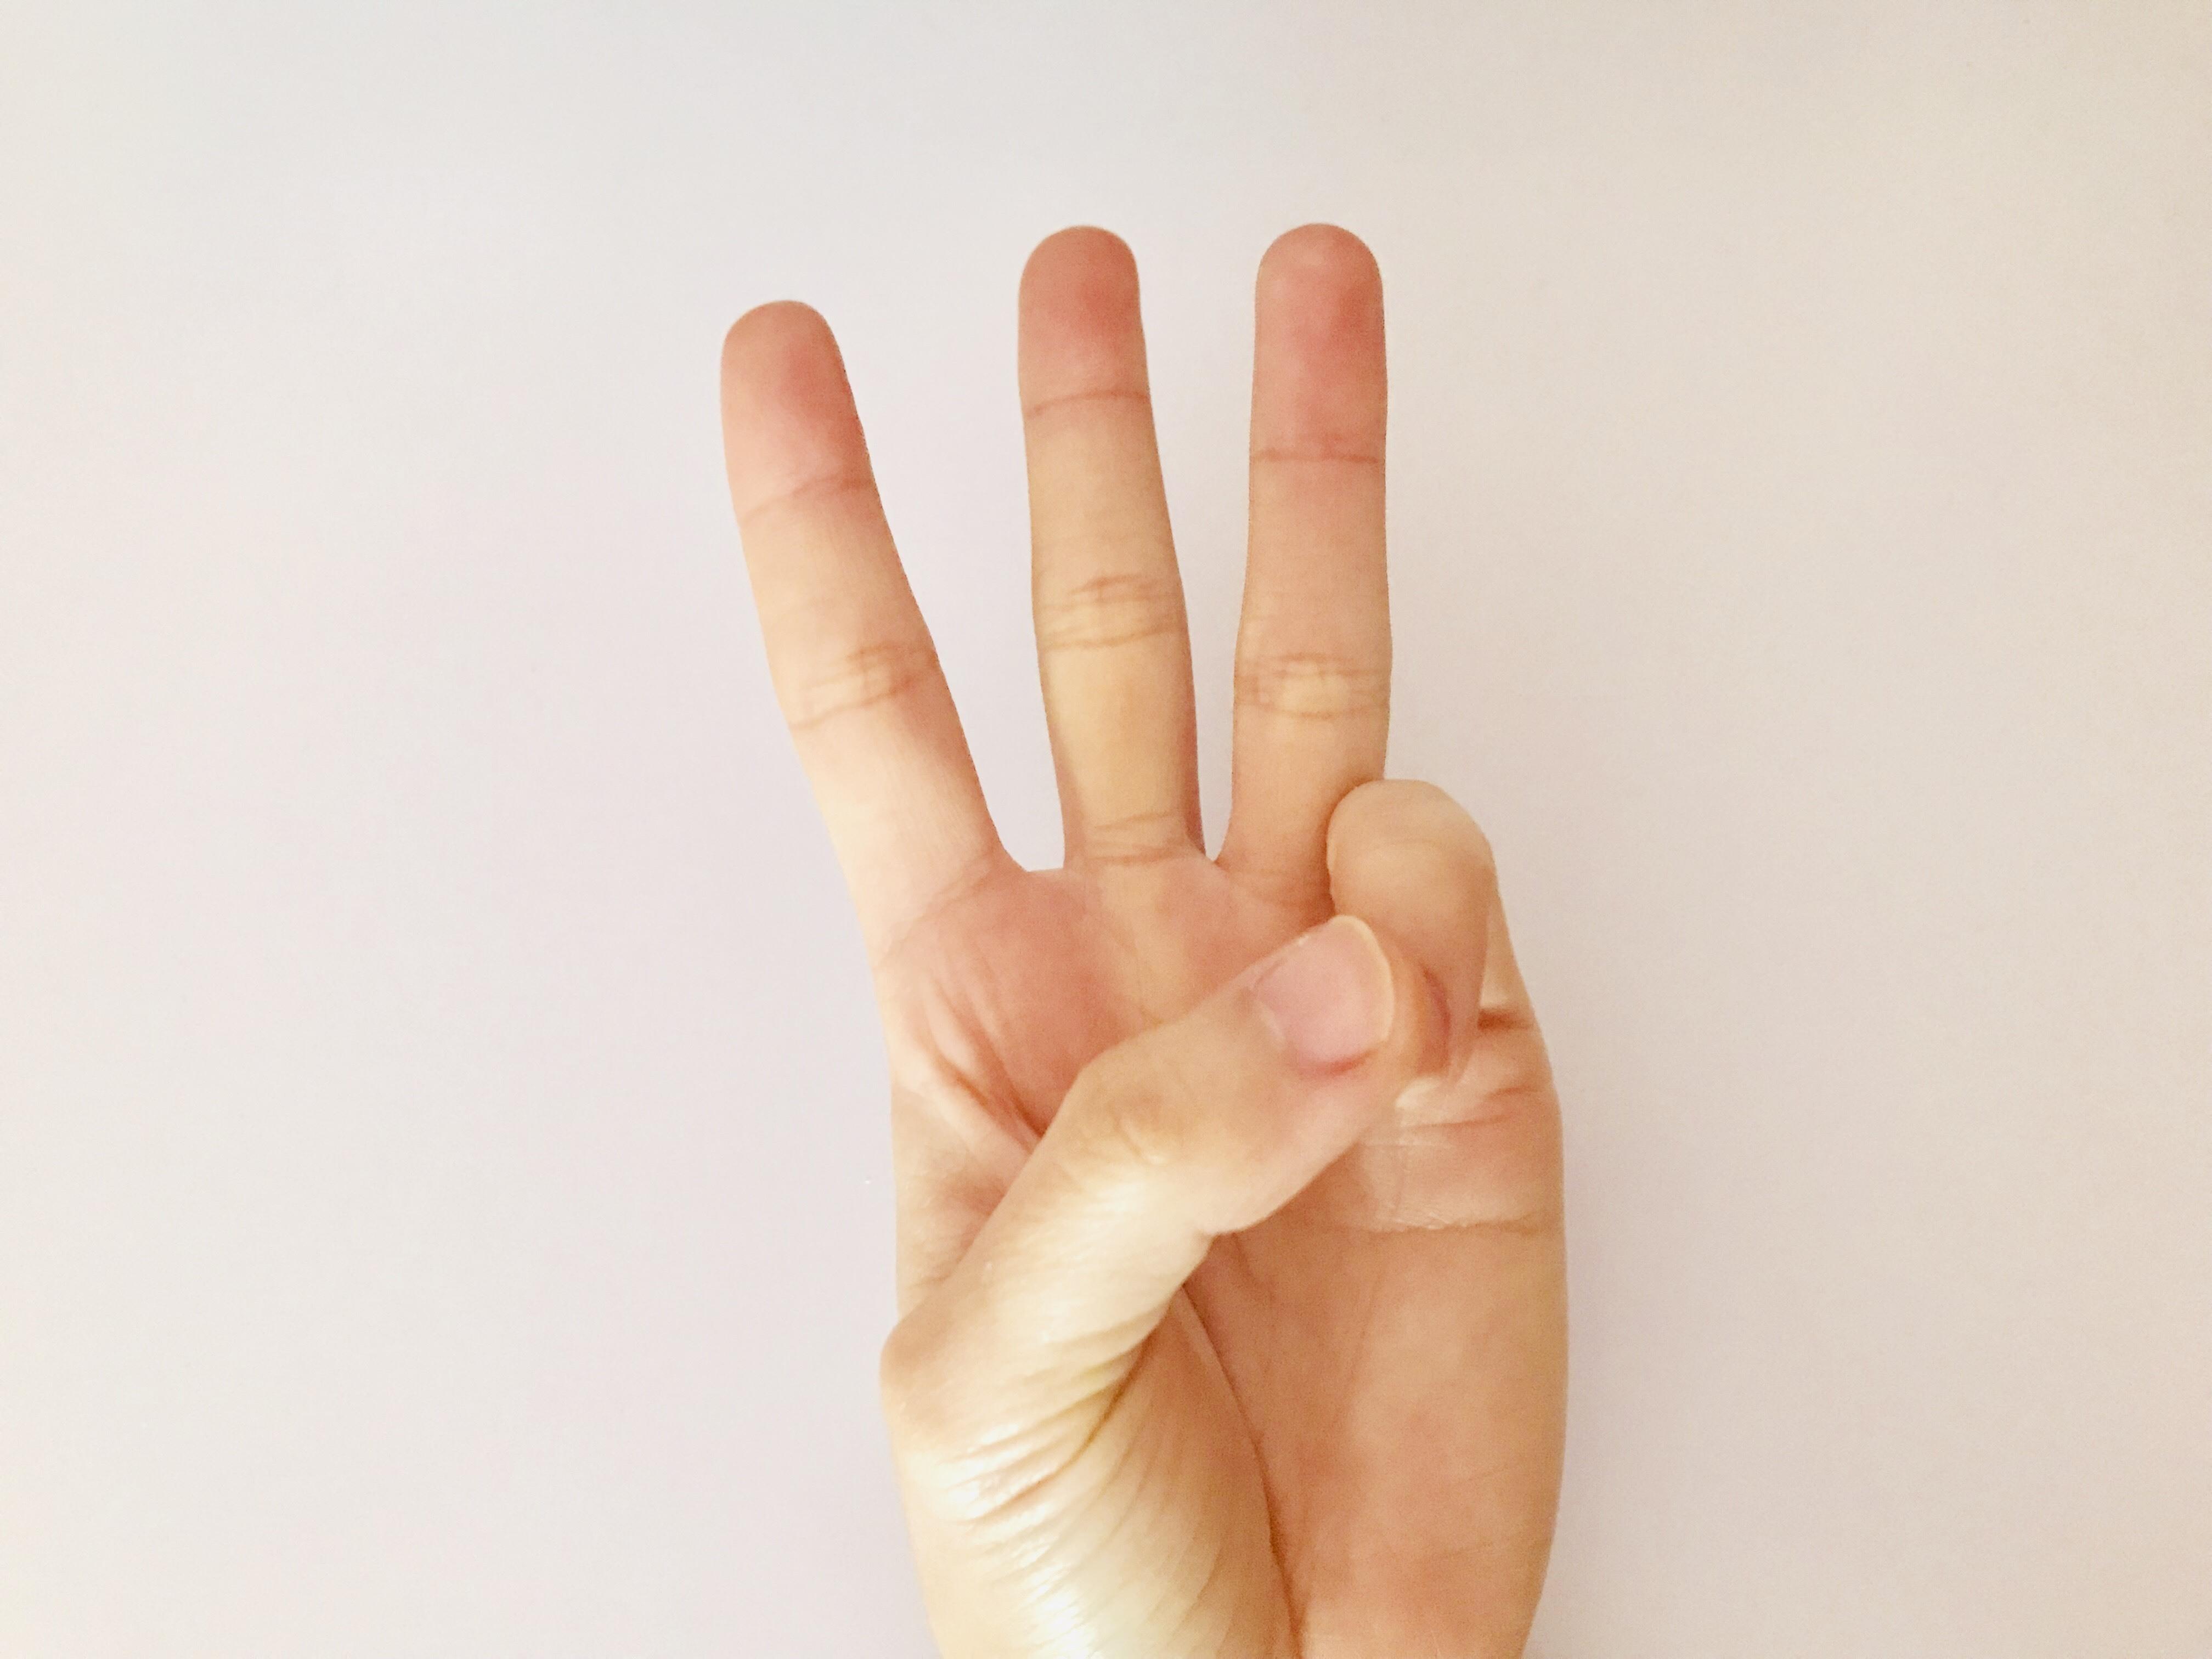 3を表す手の写真